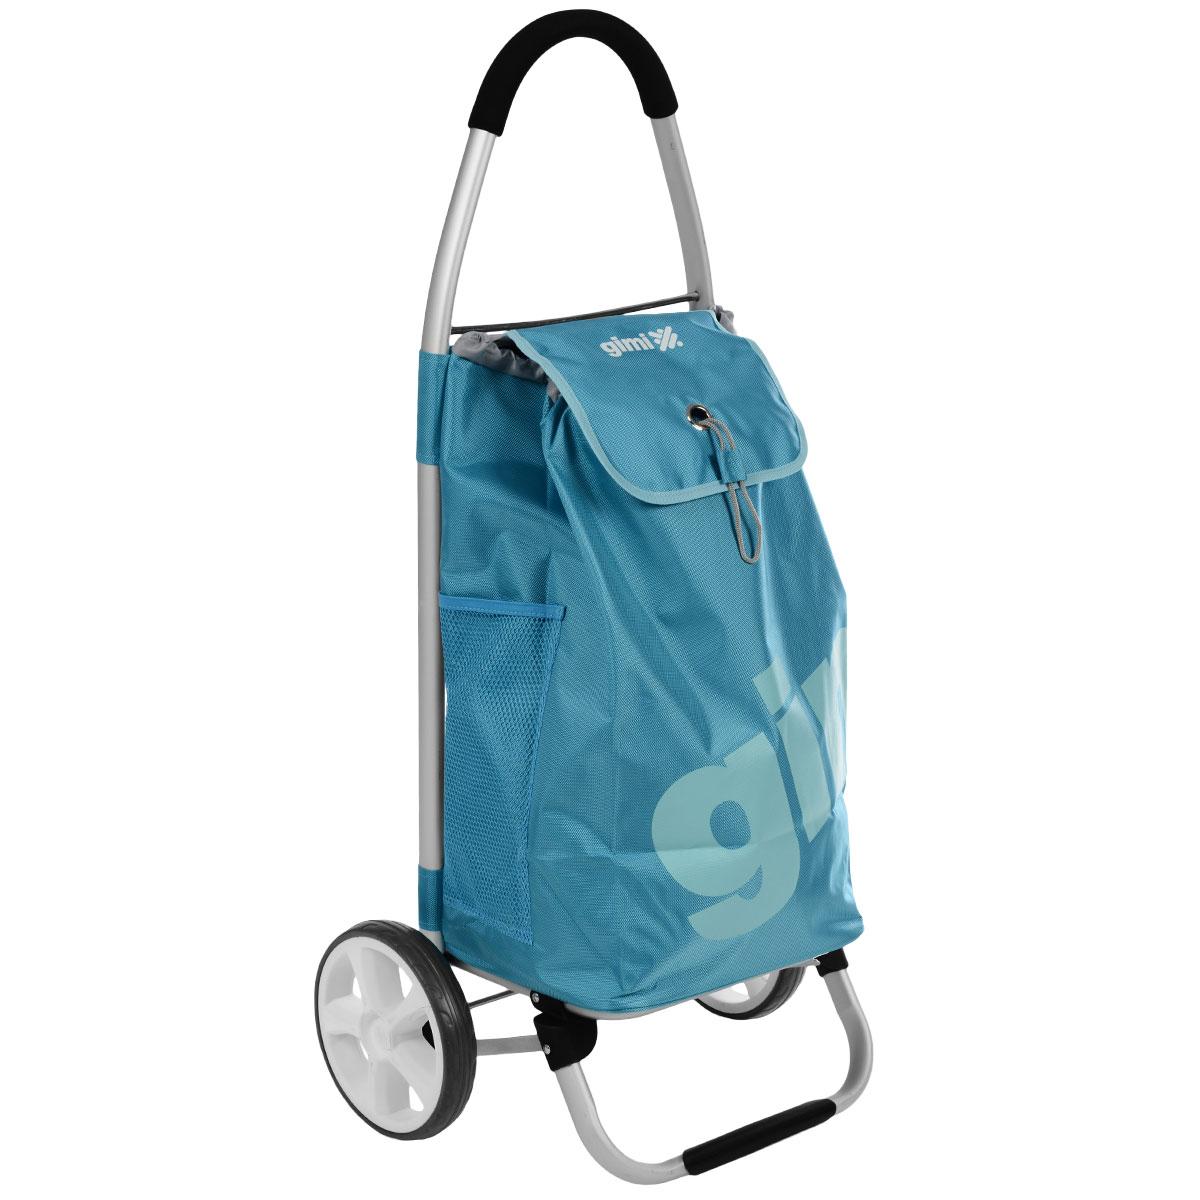 Сумка-тележка Gimi Galaxy, цвет: голубой150254500Хозяйственная сумка-тележка Gimi Galaxy - это очень мощная сумка-тележка длясамых непроходимых дорог и любой непогоды. Легкий каркас из алюминия снадежной подножкой и дополнительными перемычками на основании дляповышенной прочности, тщательно изготовленные детали из высокопрочногополимера.Колеса облегченные, со скользящей втулкой для лучшего вращения. Покрытиеколес изготовлено из севилена - износостойкого и морозоустойчивого материала.Широкая горловина сумки затягивается на кулиску и накрывается клапаном соригинальной застежкой. Внутри сумки - вставное пластиковое дно для жесткостии придания формы. Водоустойчивая сумка увеличенной толщины оснащена заднимкарманом на молнии и 2 боковыми карманами-сетками. Ручка с покрытием softtouch.Максимальная грузоподъемность: 30 кг.Вместимость сумки: 50 л.Размеры (вместе с тележкой): 47 х 37 х 102 см.Высота сумки: 60 см.Ширина сумки: 36 см.Глубина сумки: 23 см.Диаметр колес: 21 см.